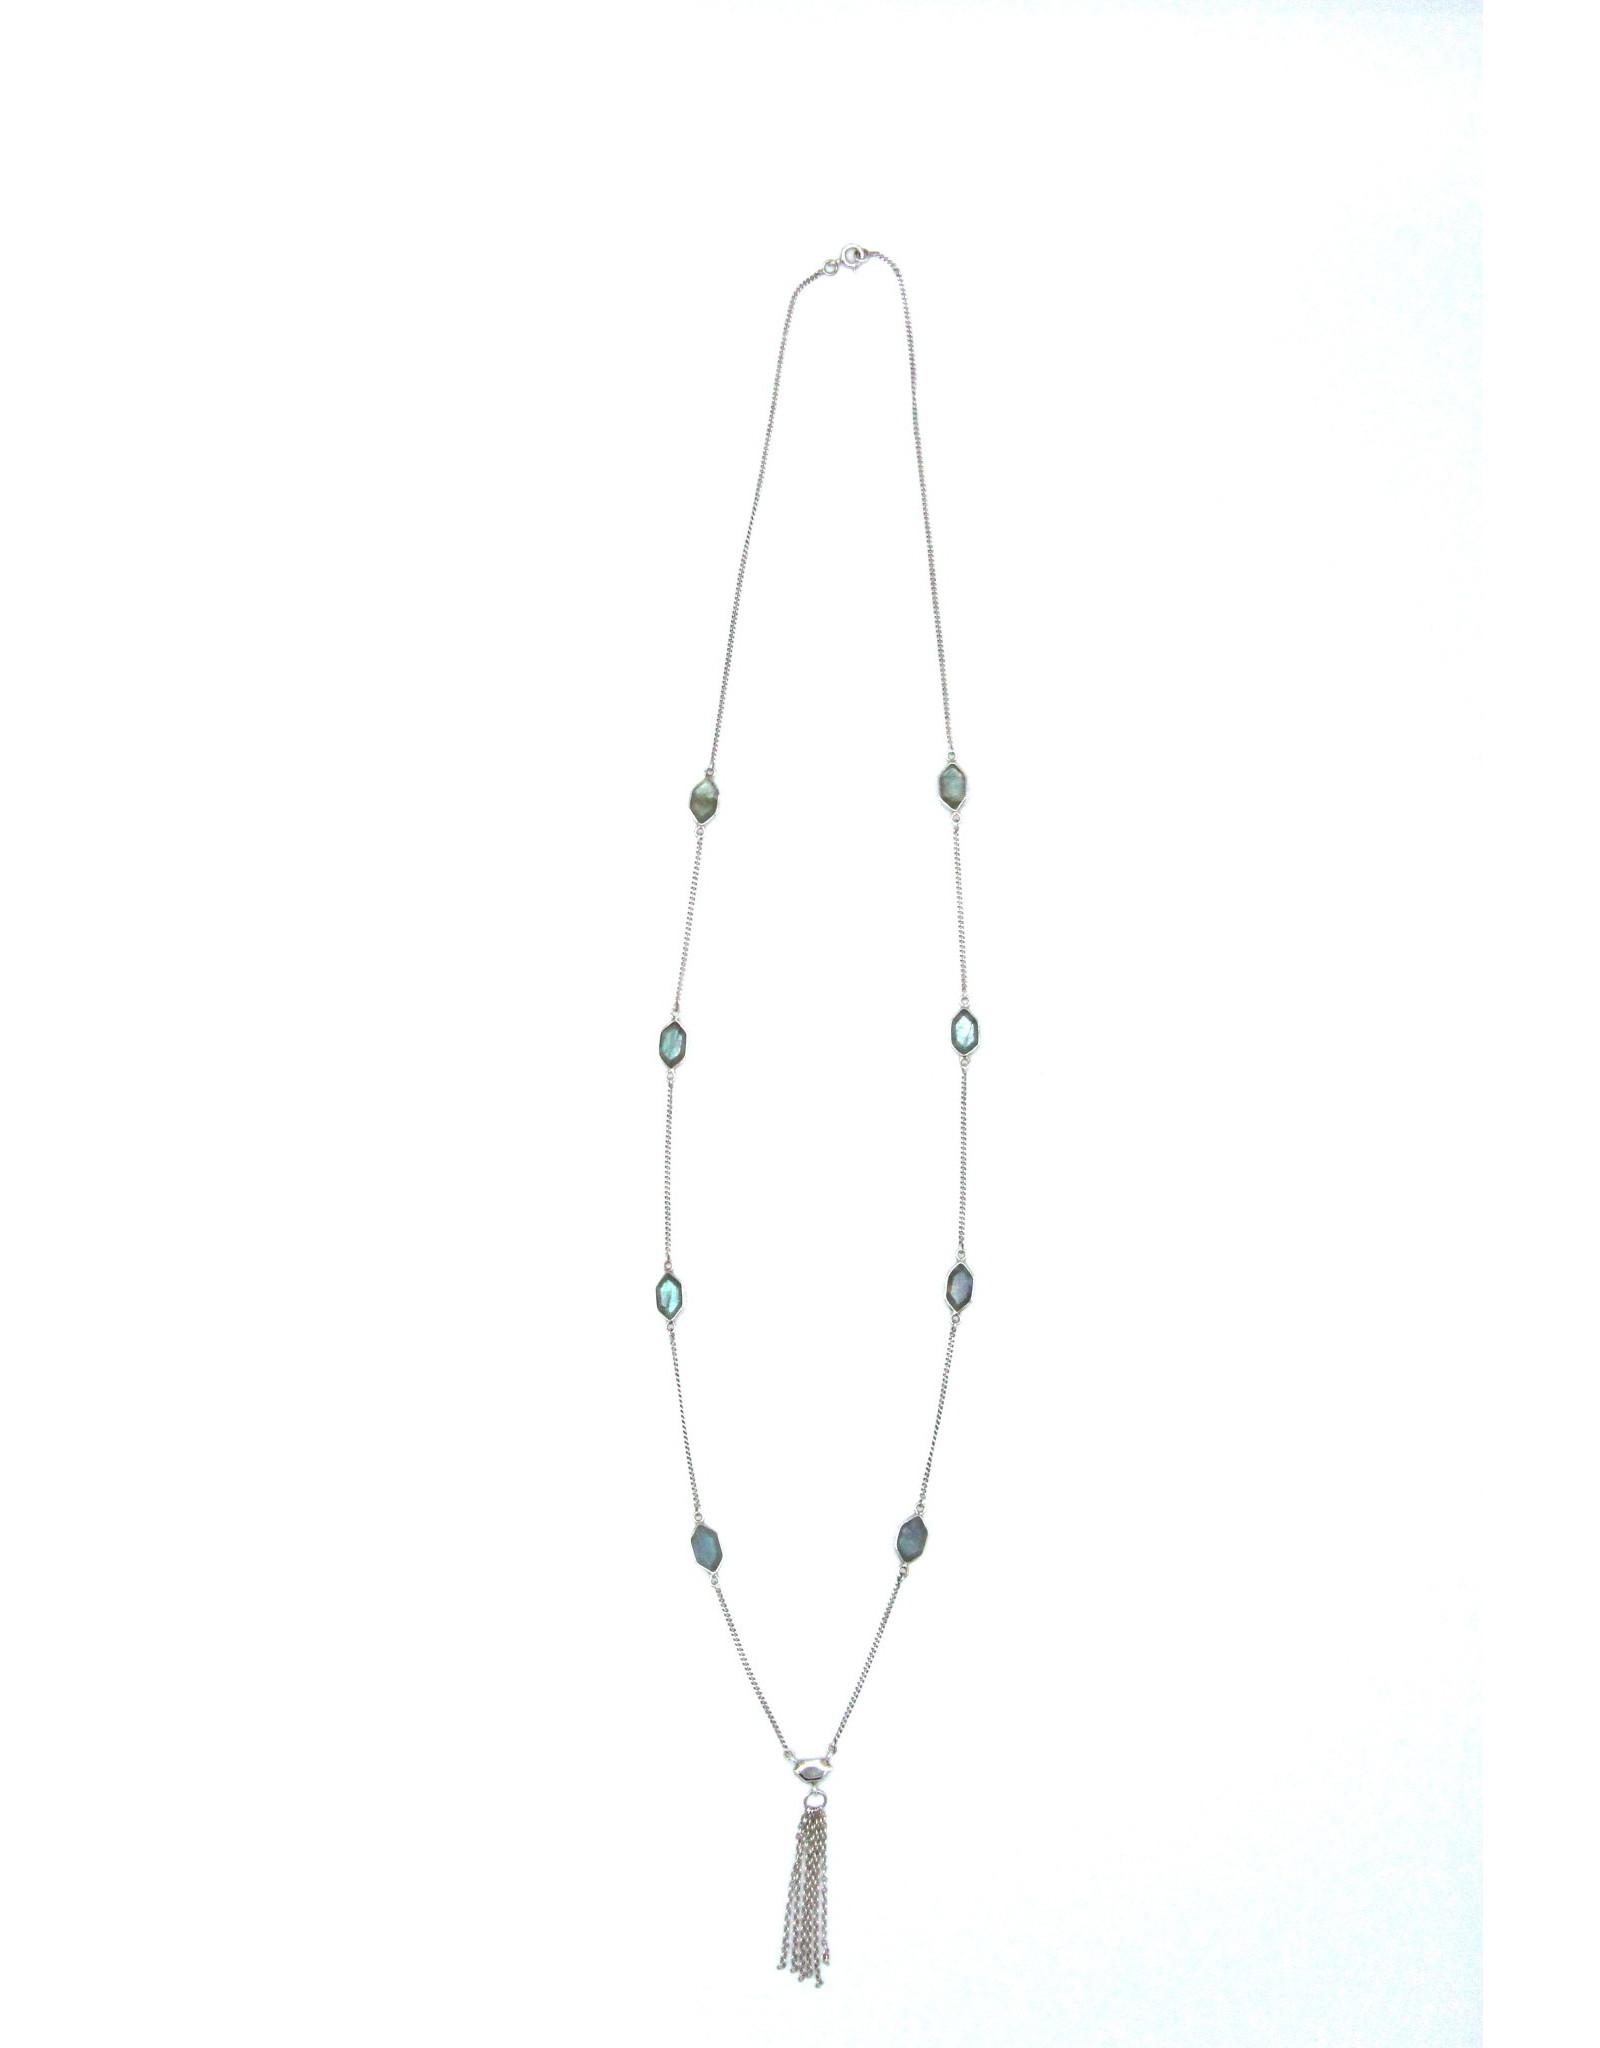 Labradorite Necklace - 102716